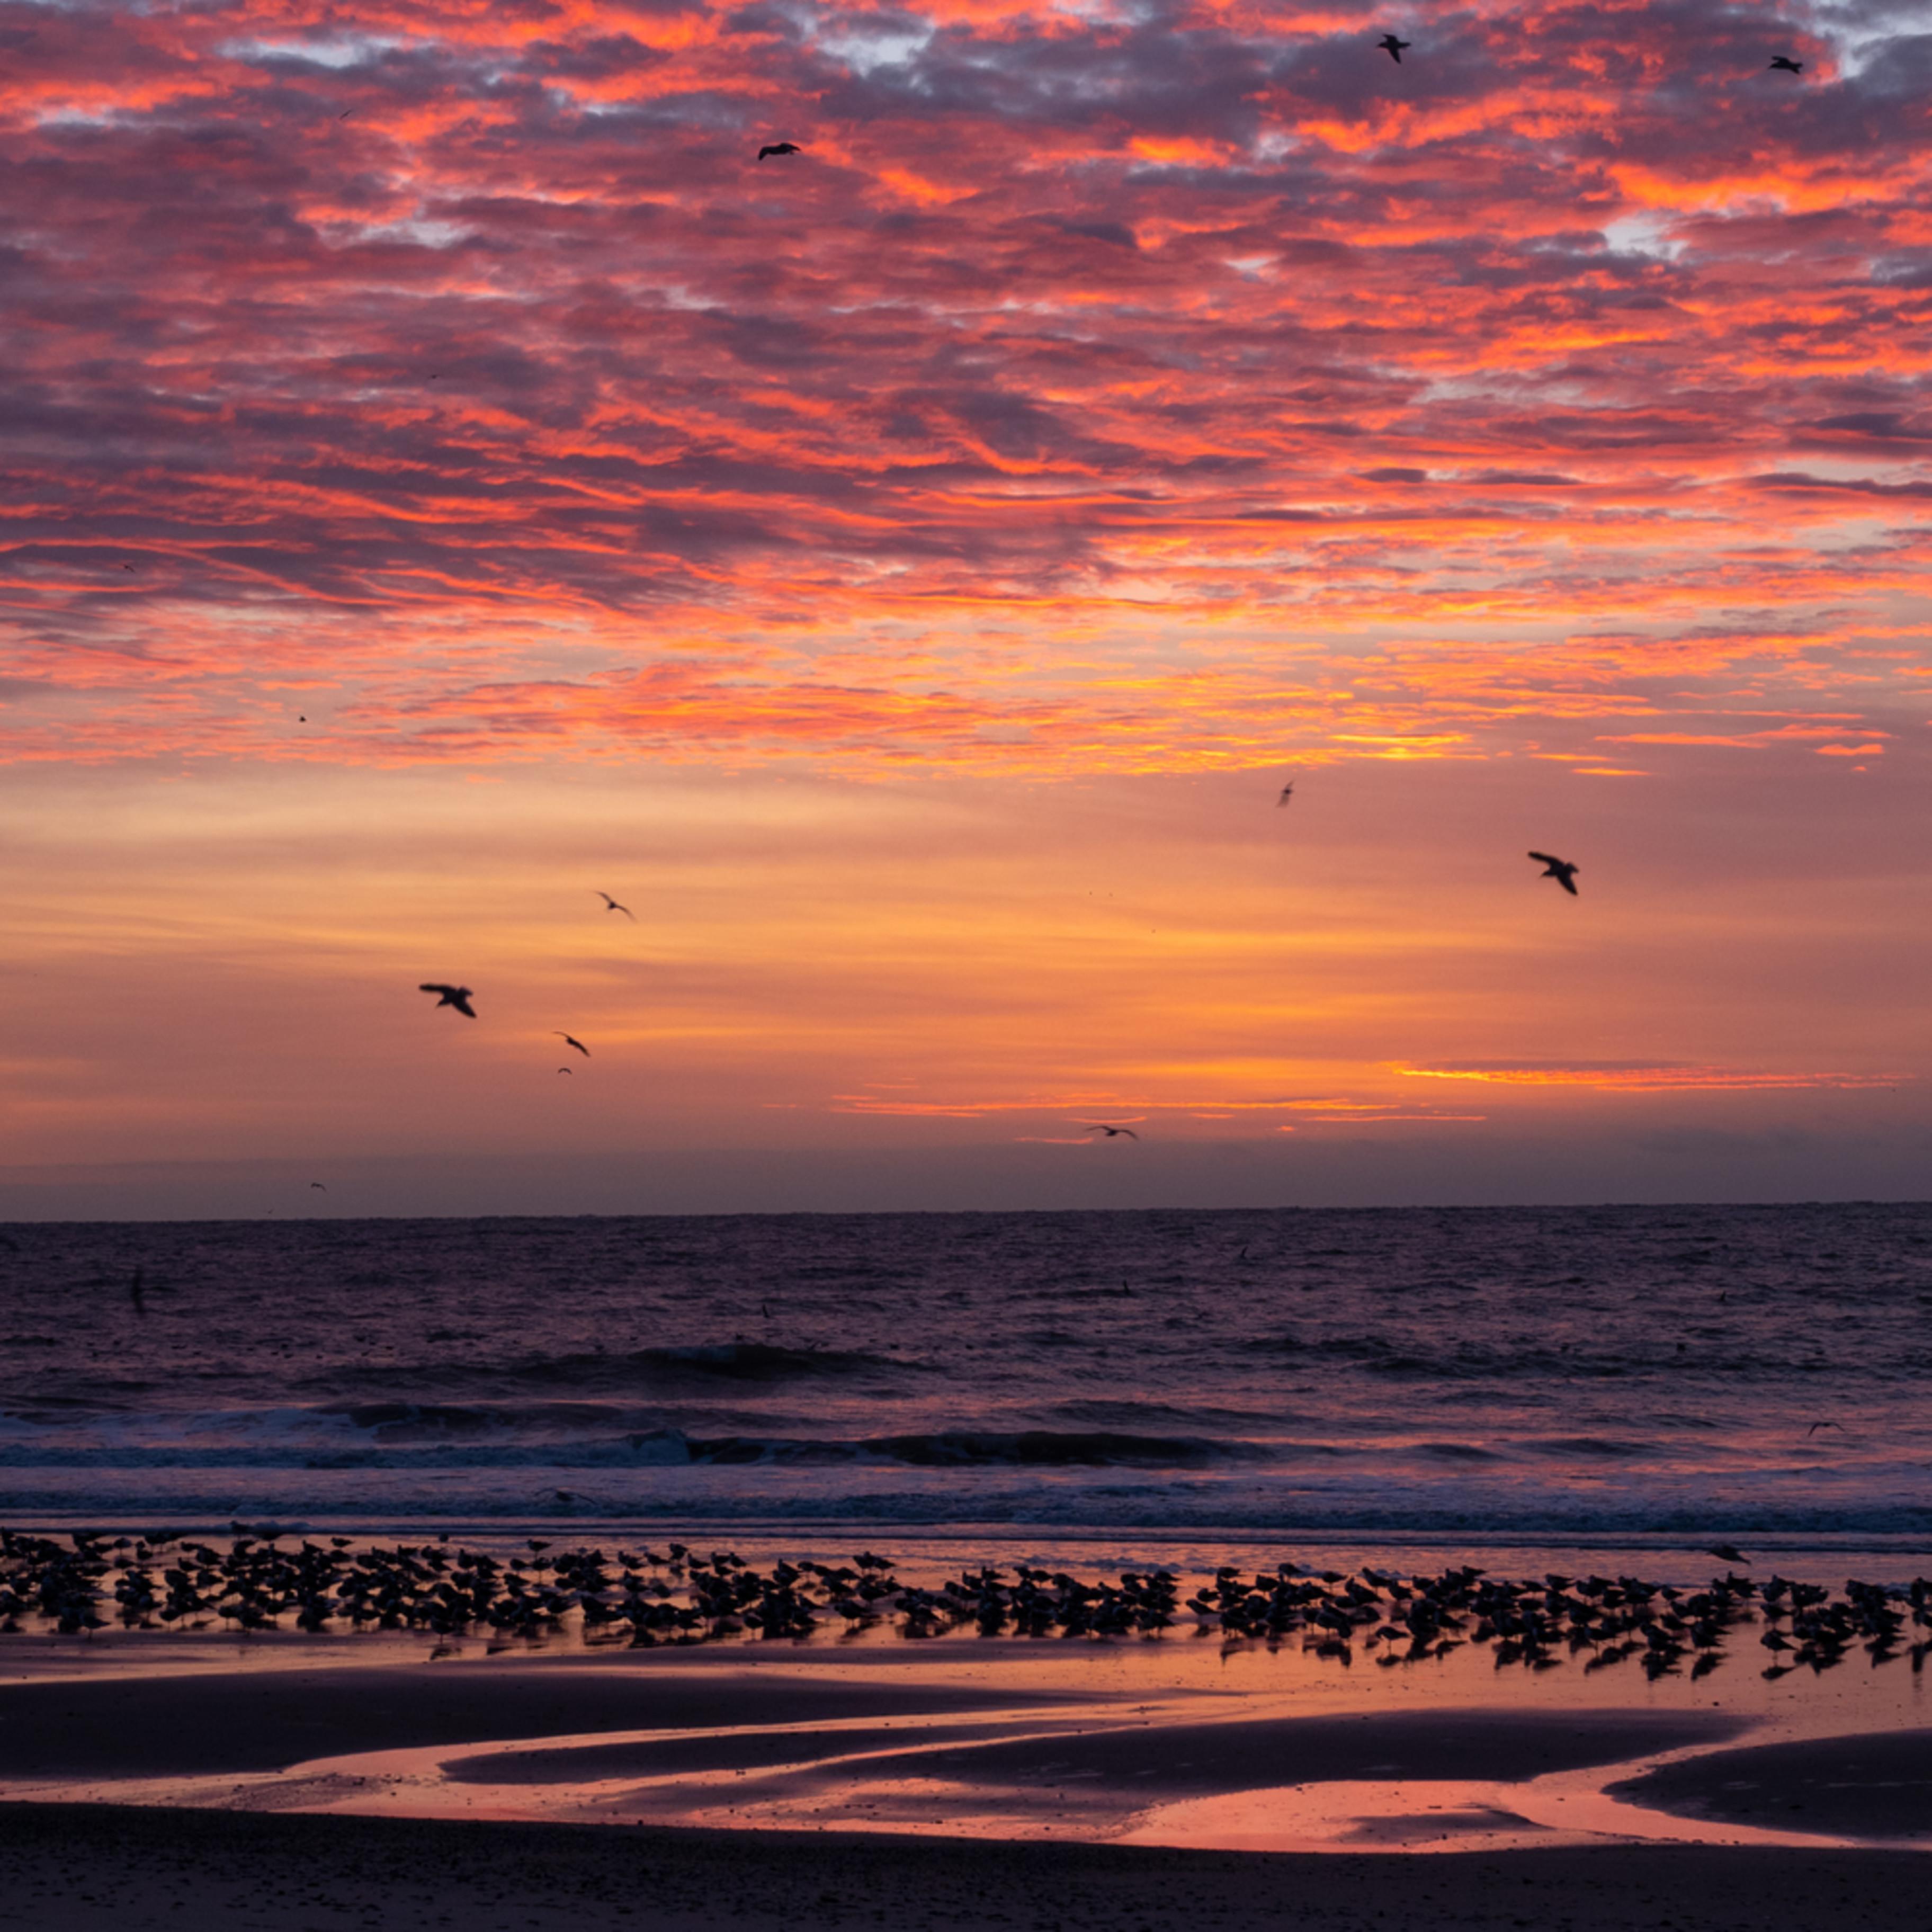 Sunrise sea dsc6779 u90pwx